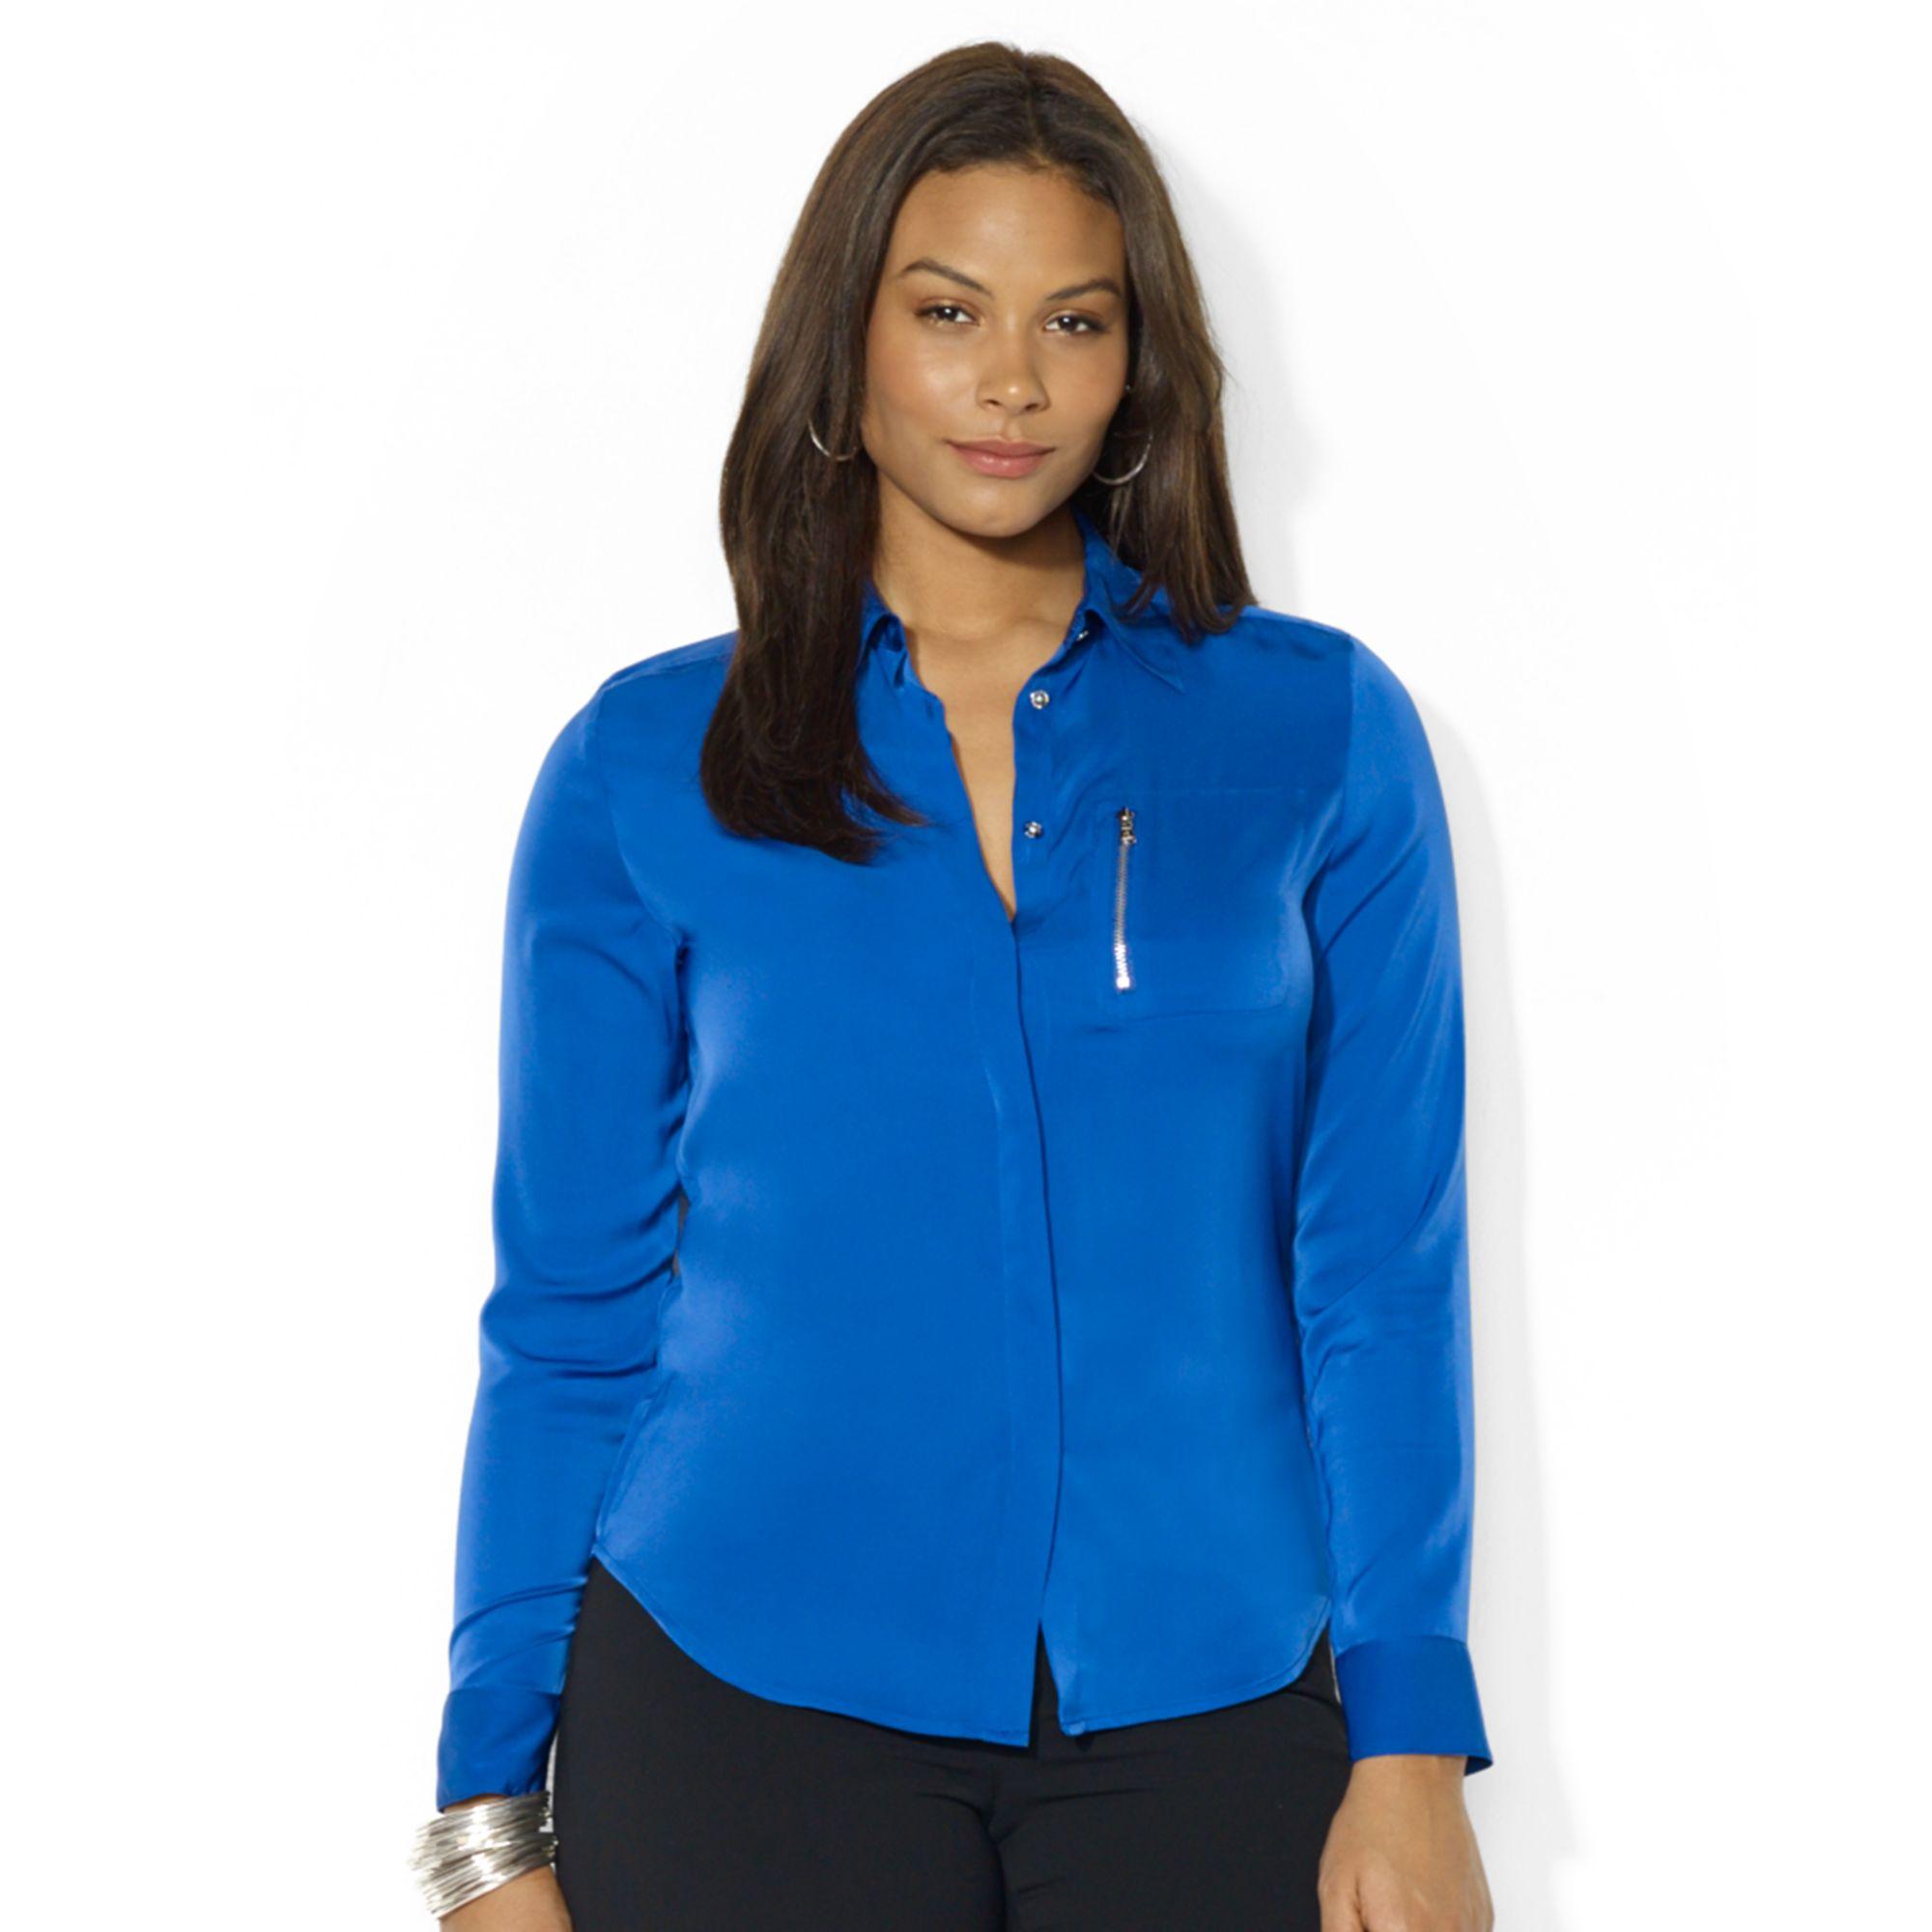 ralph lauren plus size women 39 s blouses silk blouses. Black Bedroom Furniture Sets. Home Design Ideas